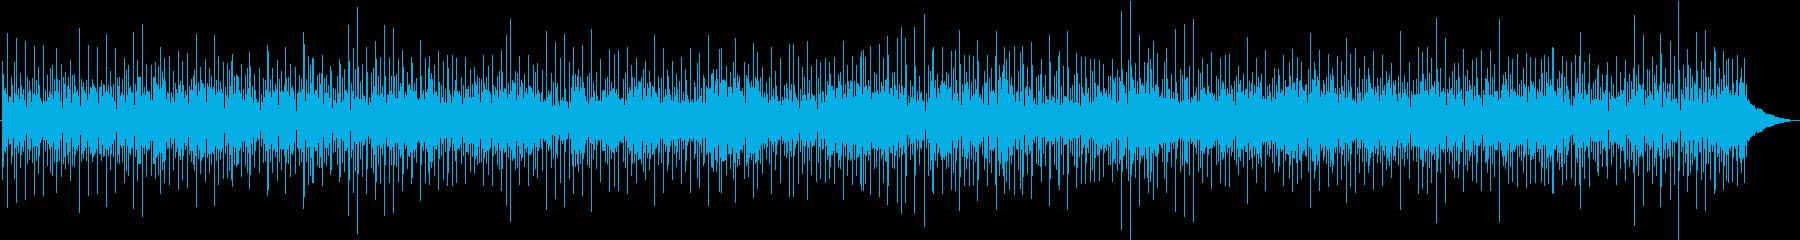 陽気なポップの再生済みの波形